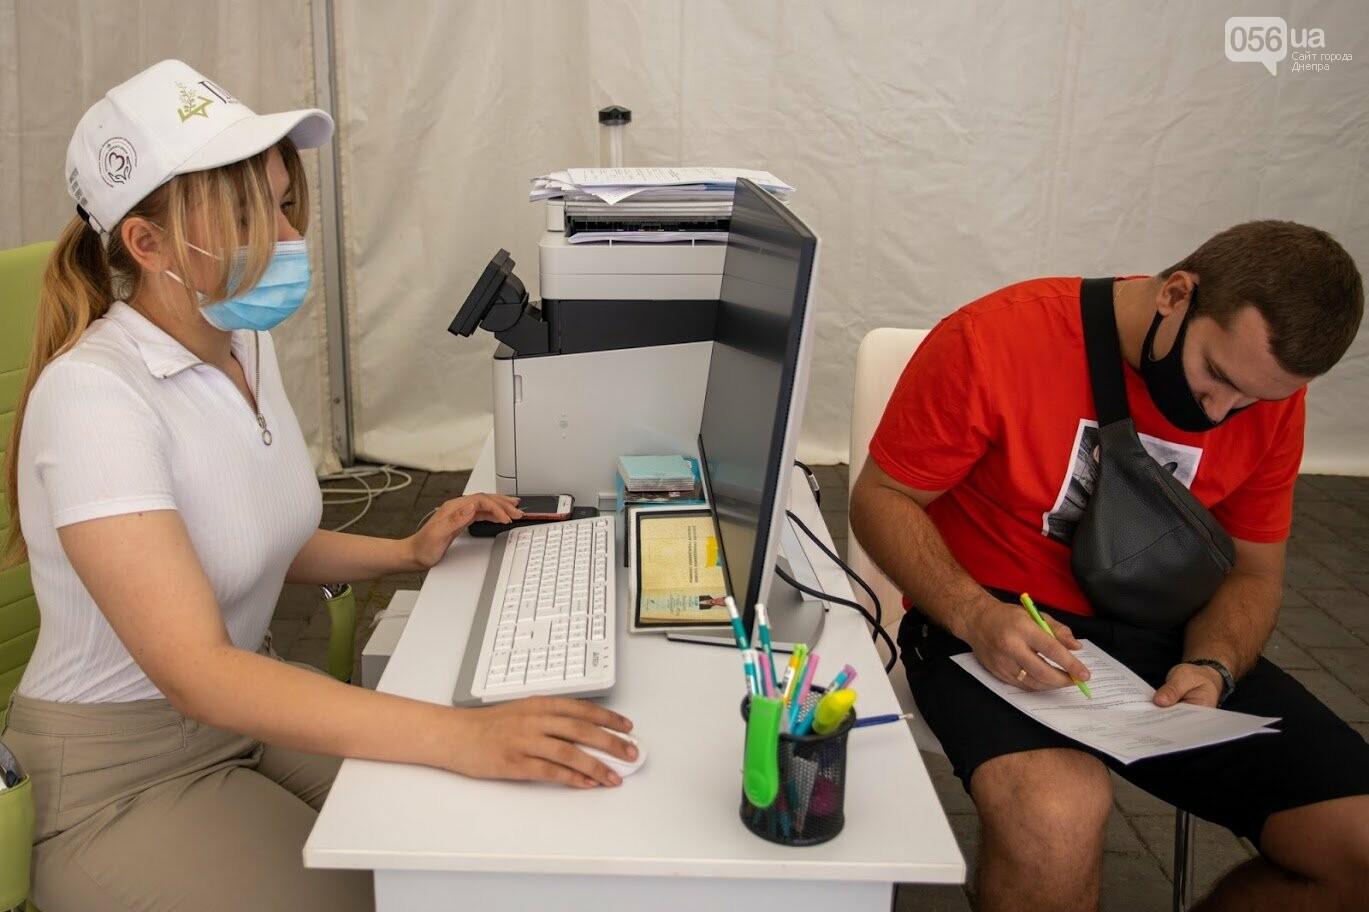 В Днепре открыли Областной центр вакцинации от COVID-19, - ФОТО, фото-5